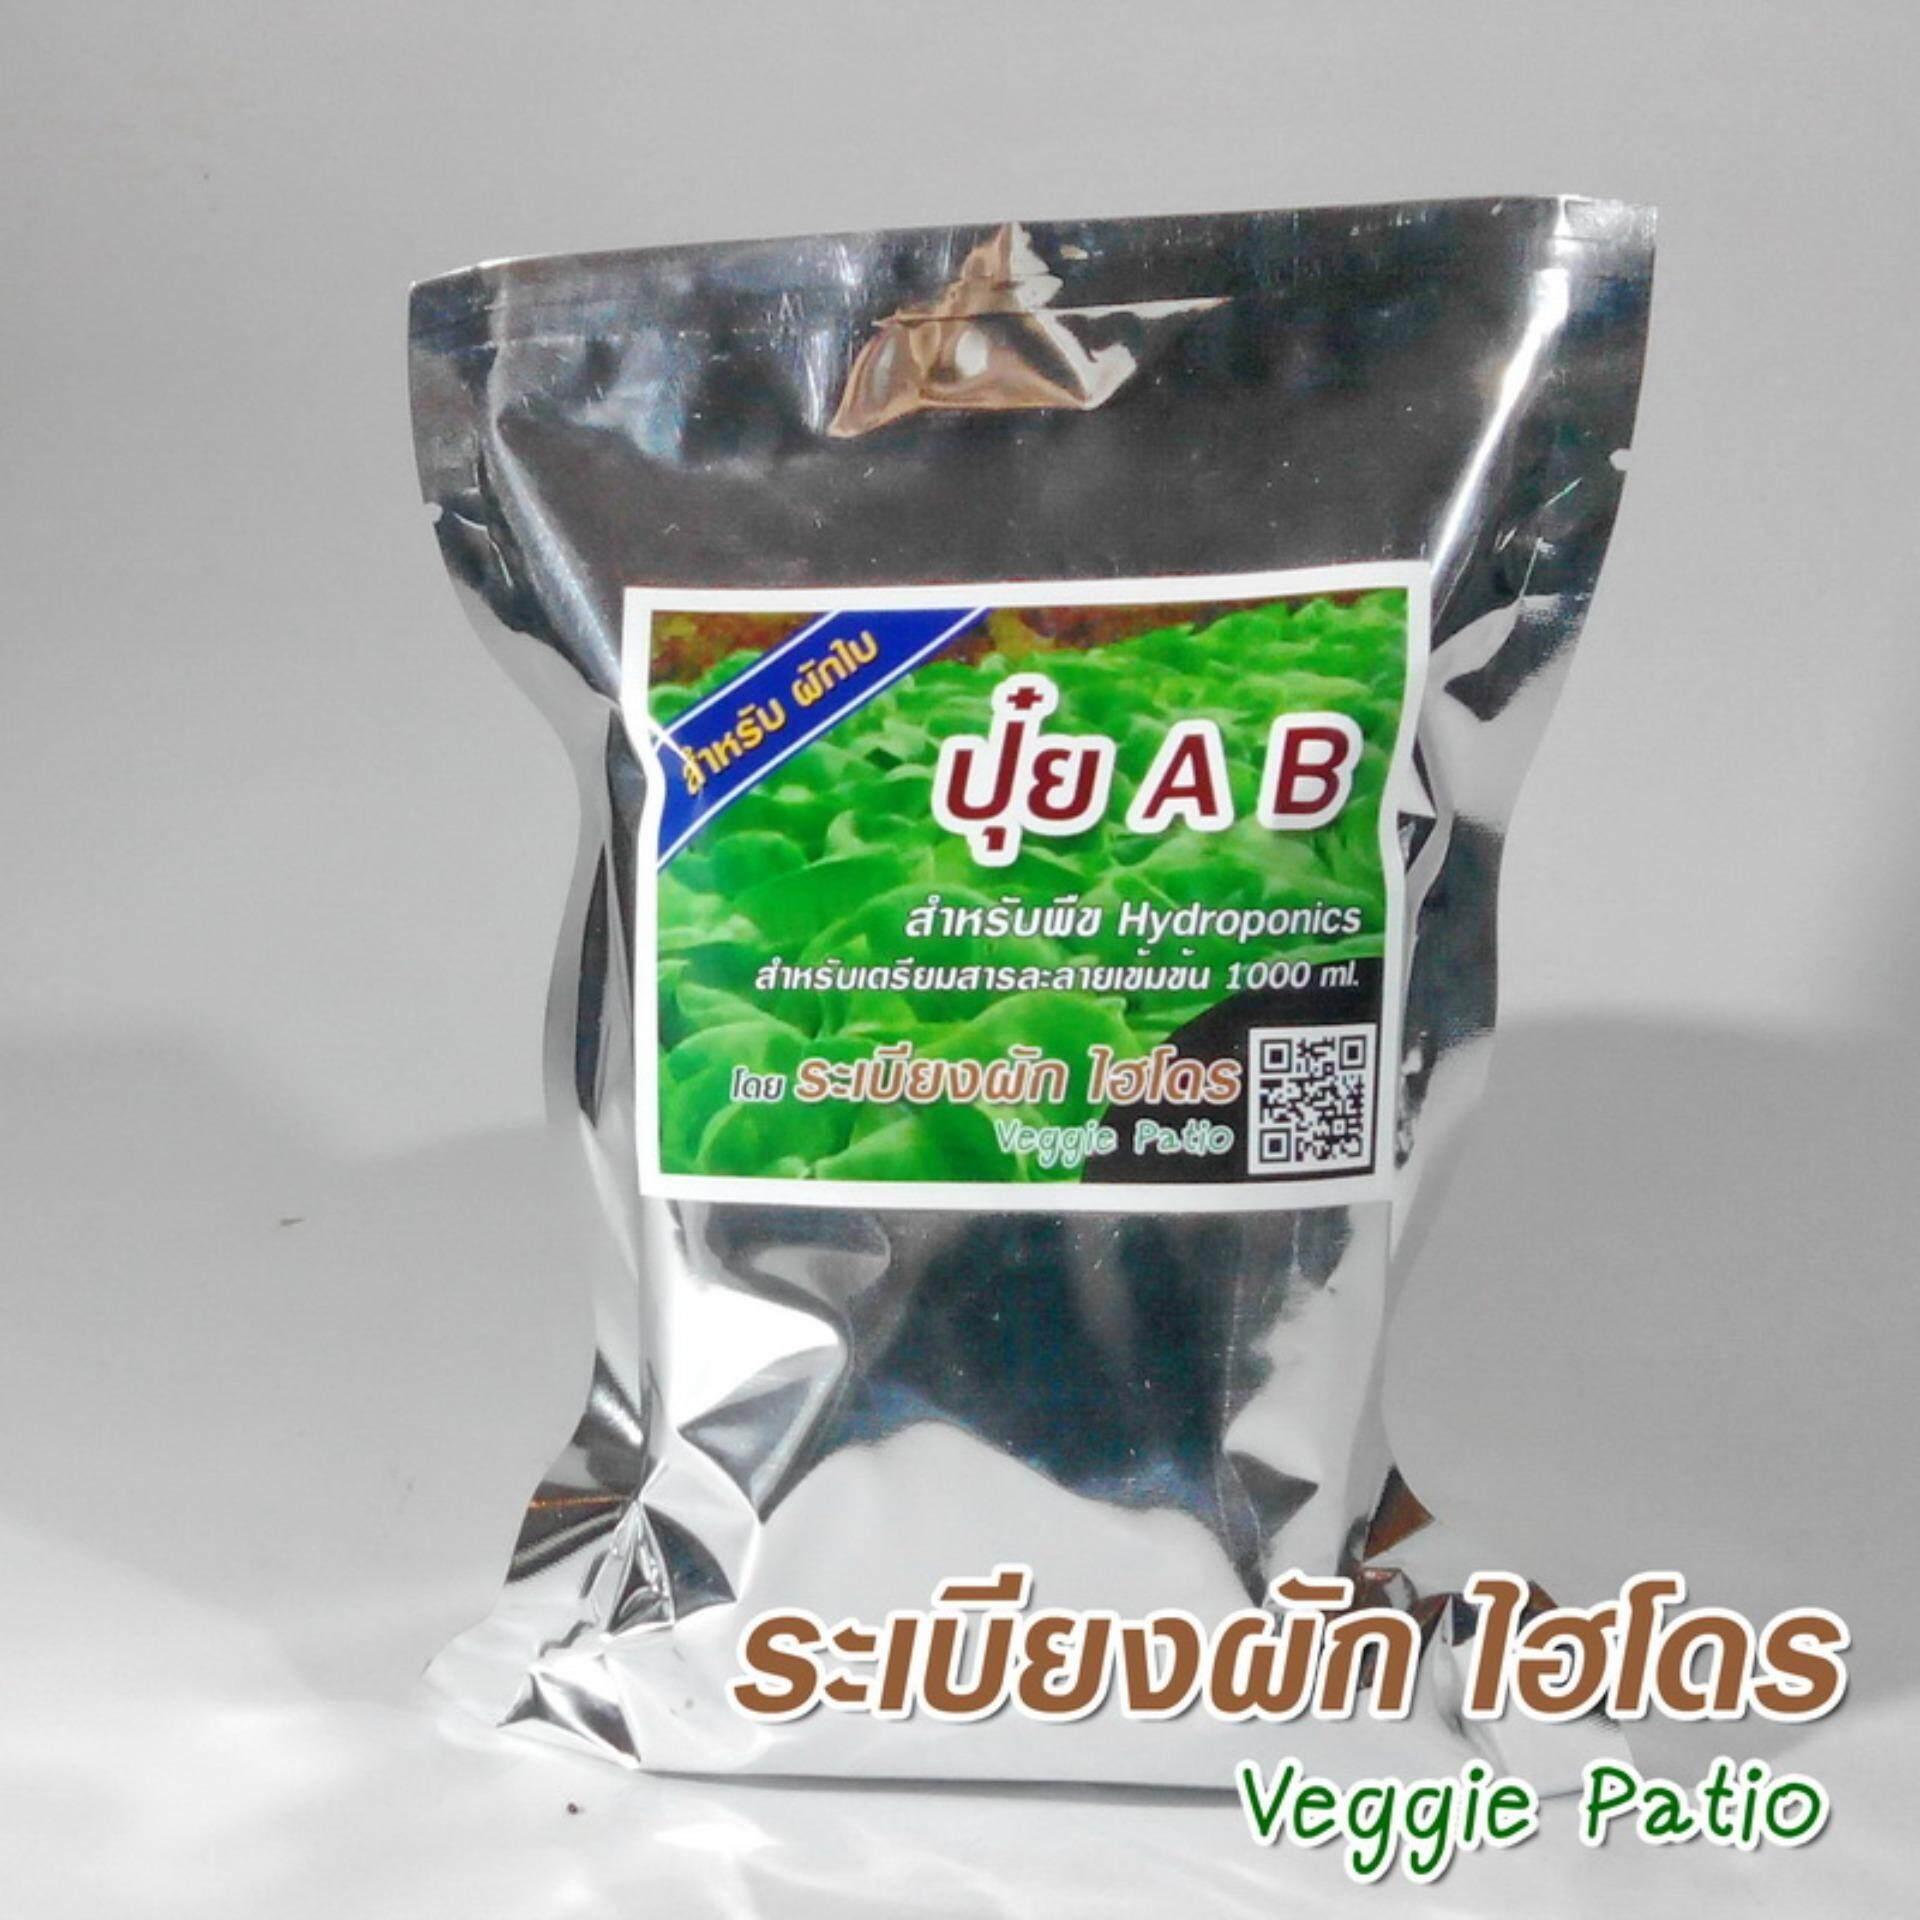 ซื้อ ปุ๋ย Ab ชนิดแห้ง สำหรับผักใบ สำหรับ 1 ลิตร Veggie Patio ถูก